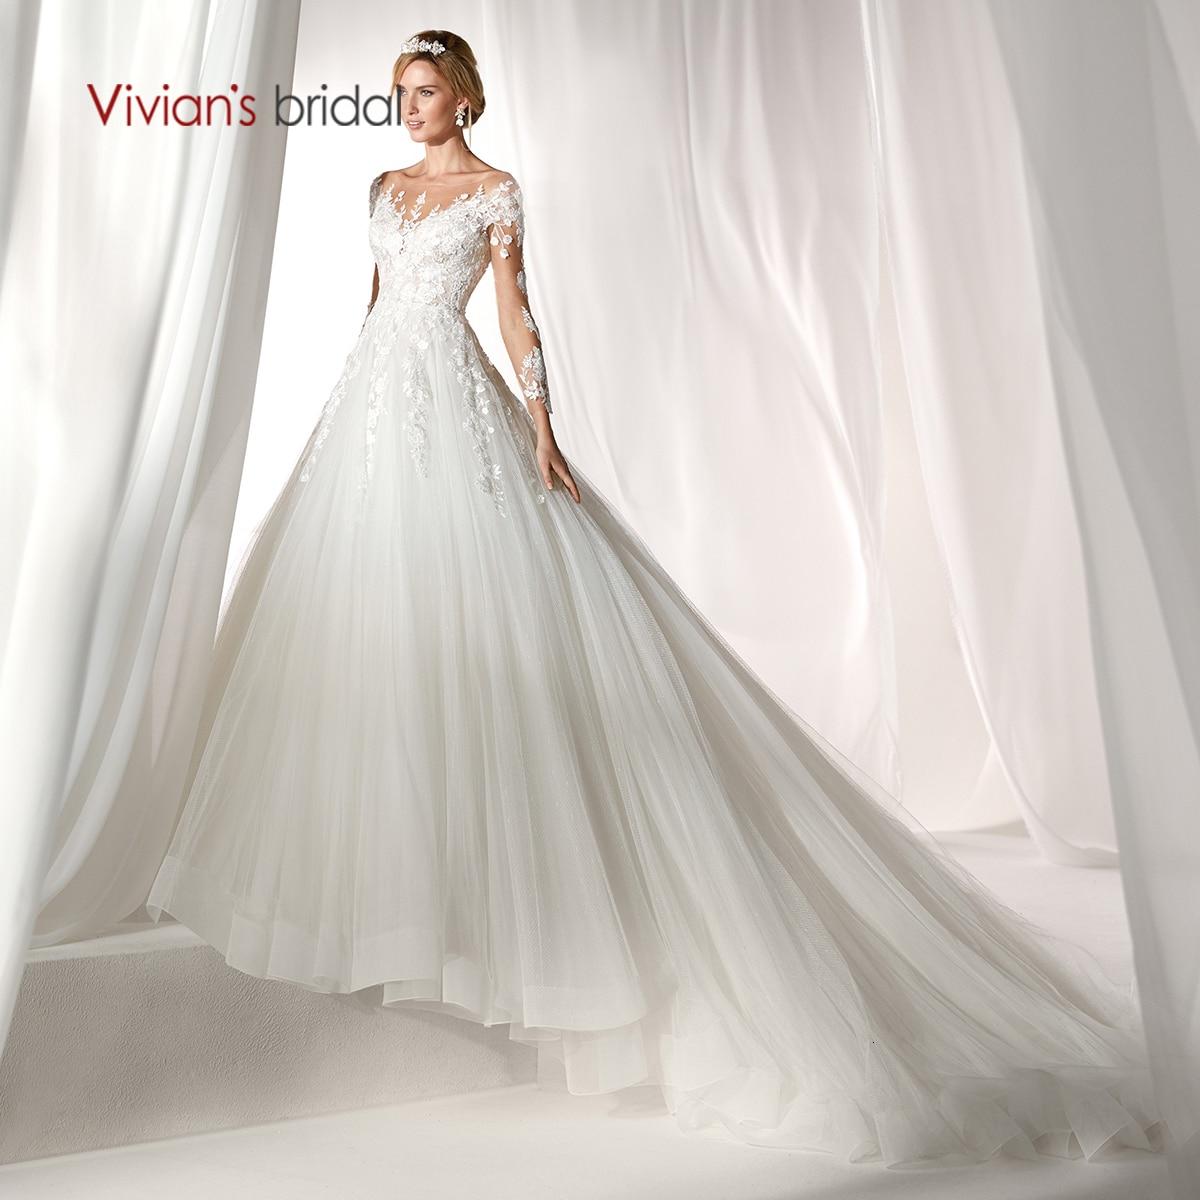 Vivian's Bridal Elegant Lace Appliques Soft Tulle Wedding Dress 2019 Vintage Illusion Mesh Court Train Fluffy Robe De Mariee